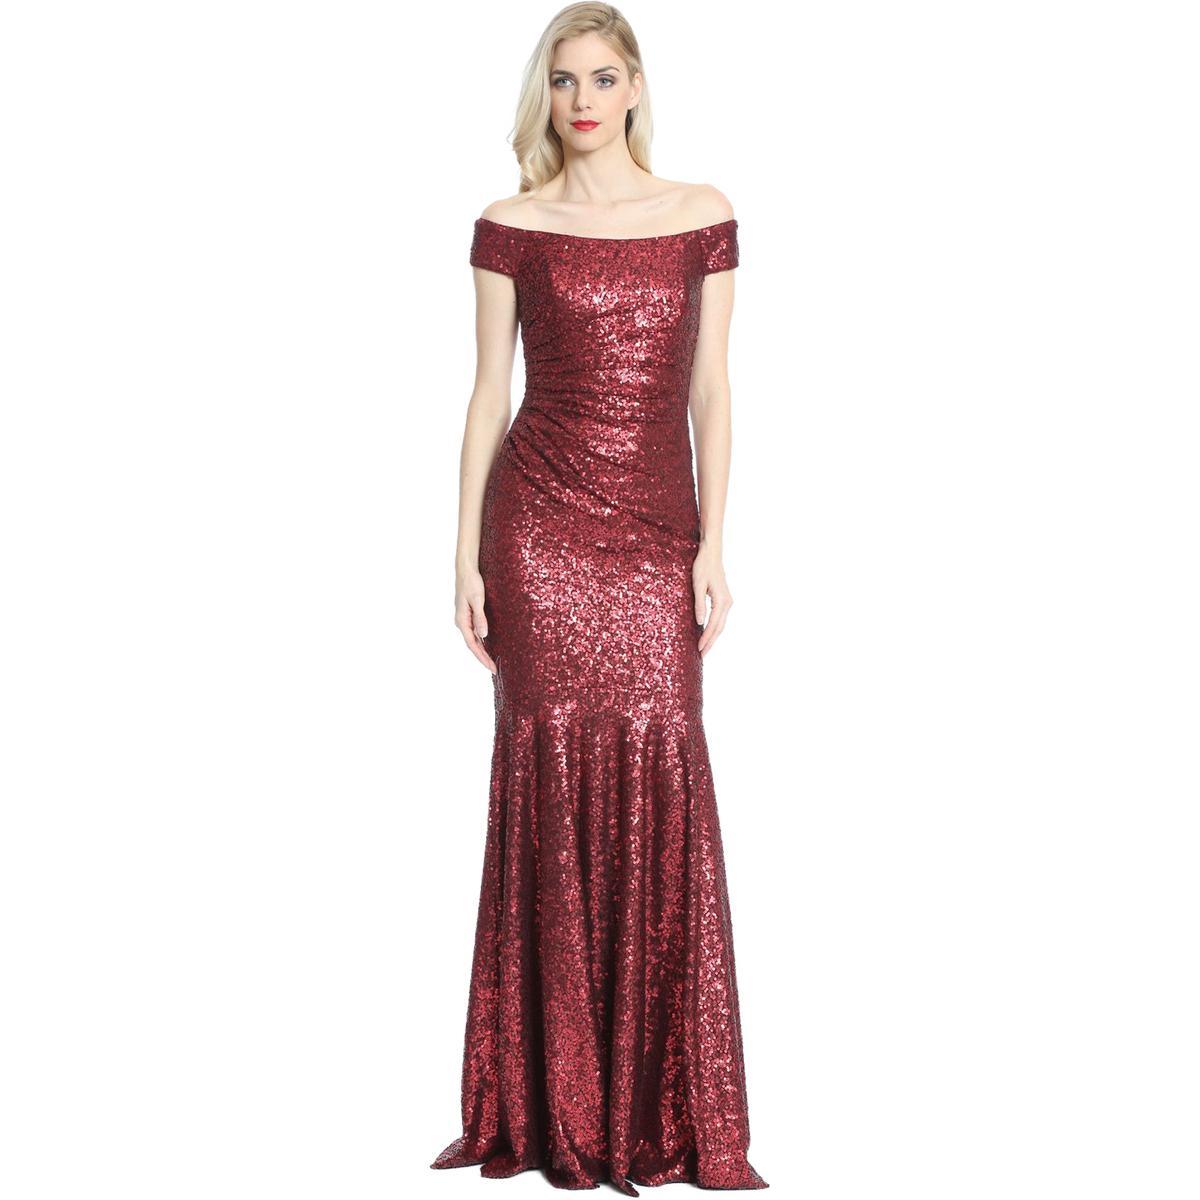 Badgley Mischka Womens Ruched Sequined Gown Burgundy 4 Regular | eBay